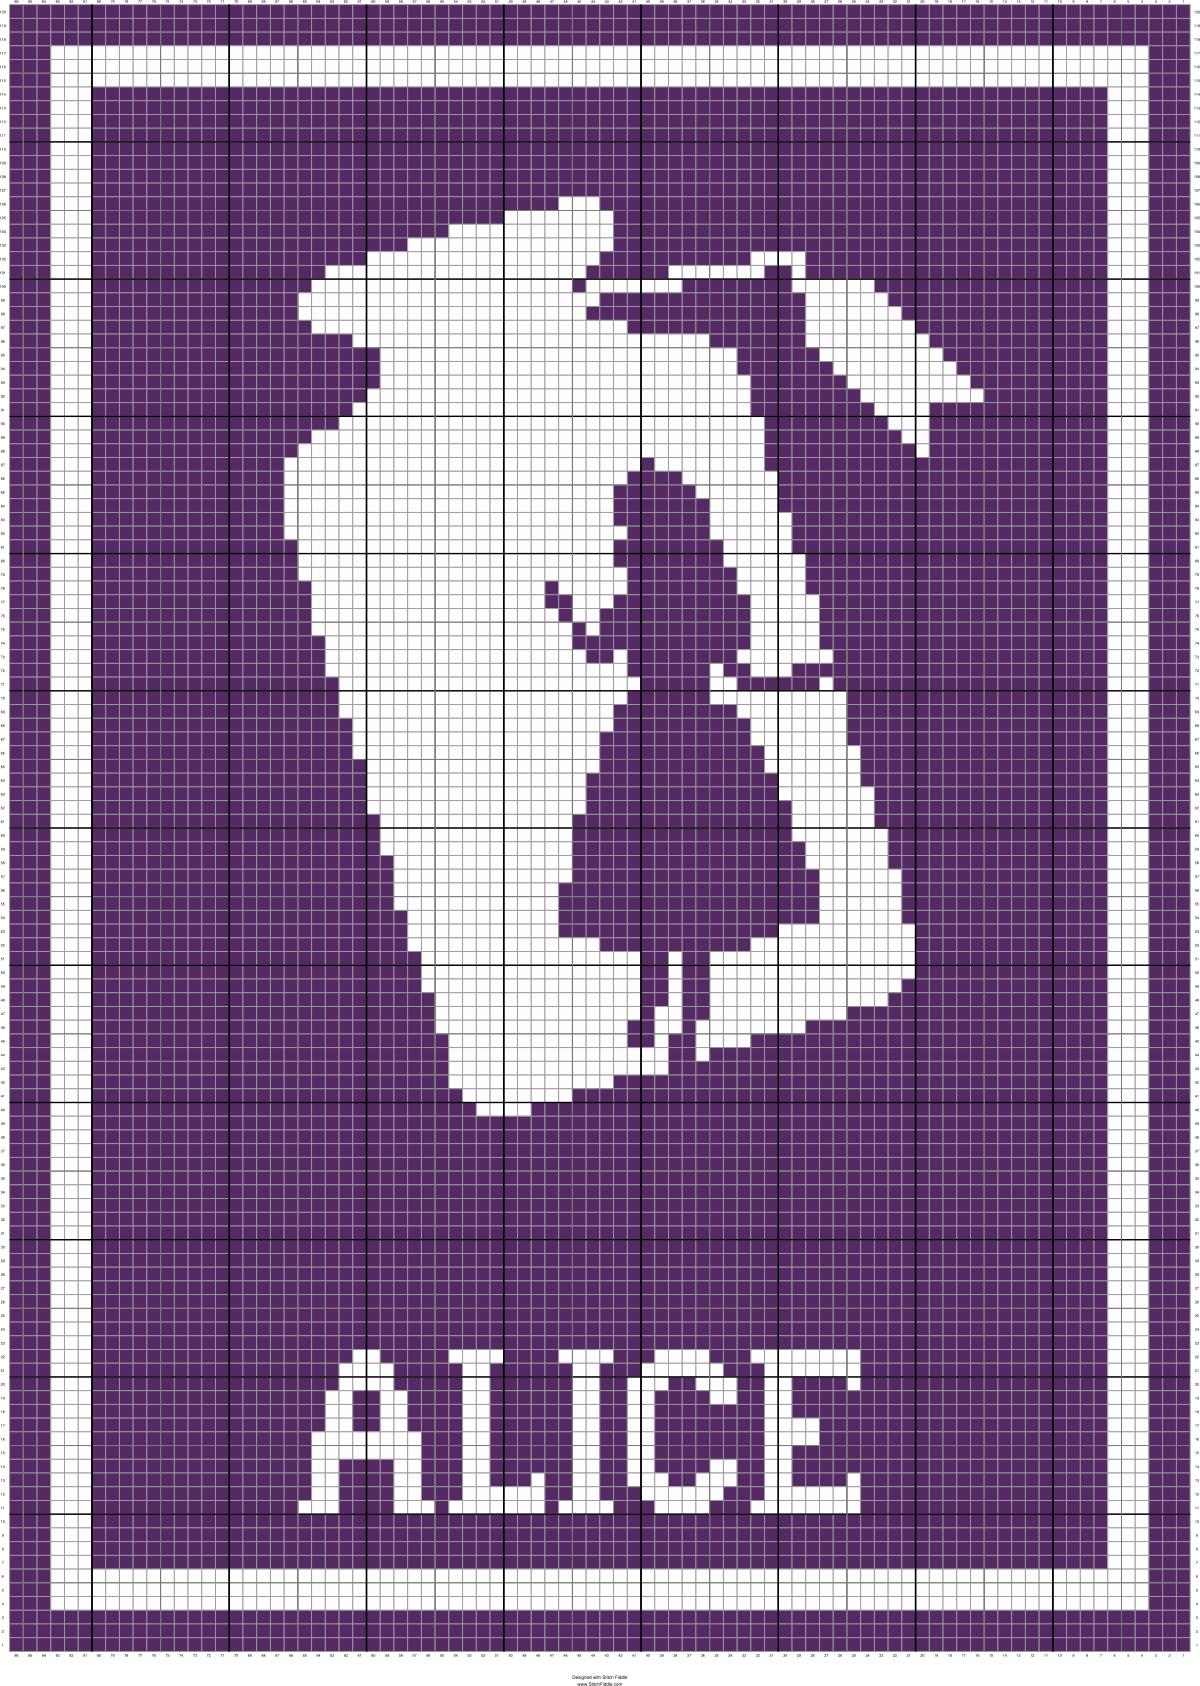 ALICE BOTTLE 86 X 120 GRAPH SQUARES | Crochet Charts | Pinterest ...